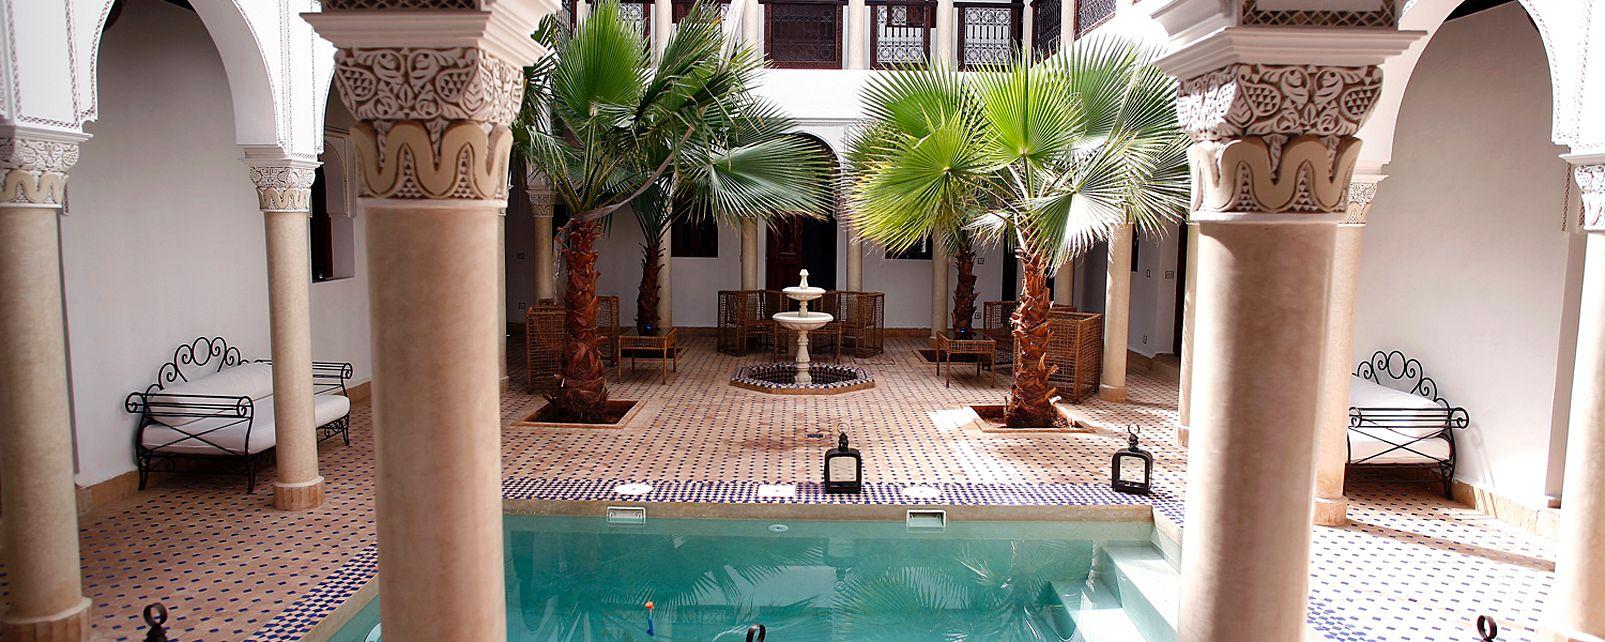 Hotel Le Jardin d'Abdou